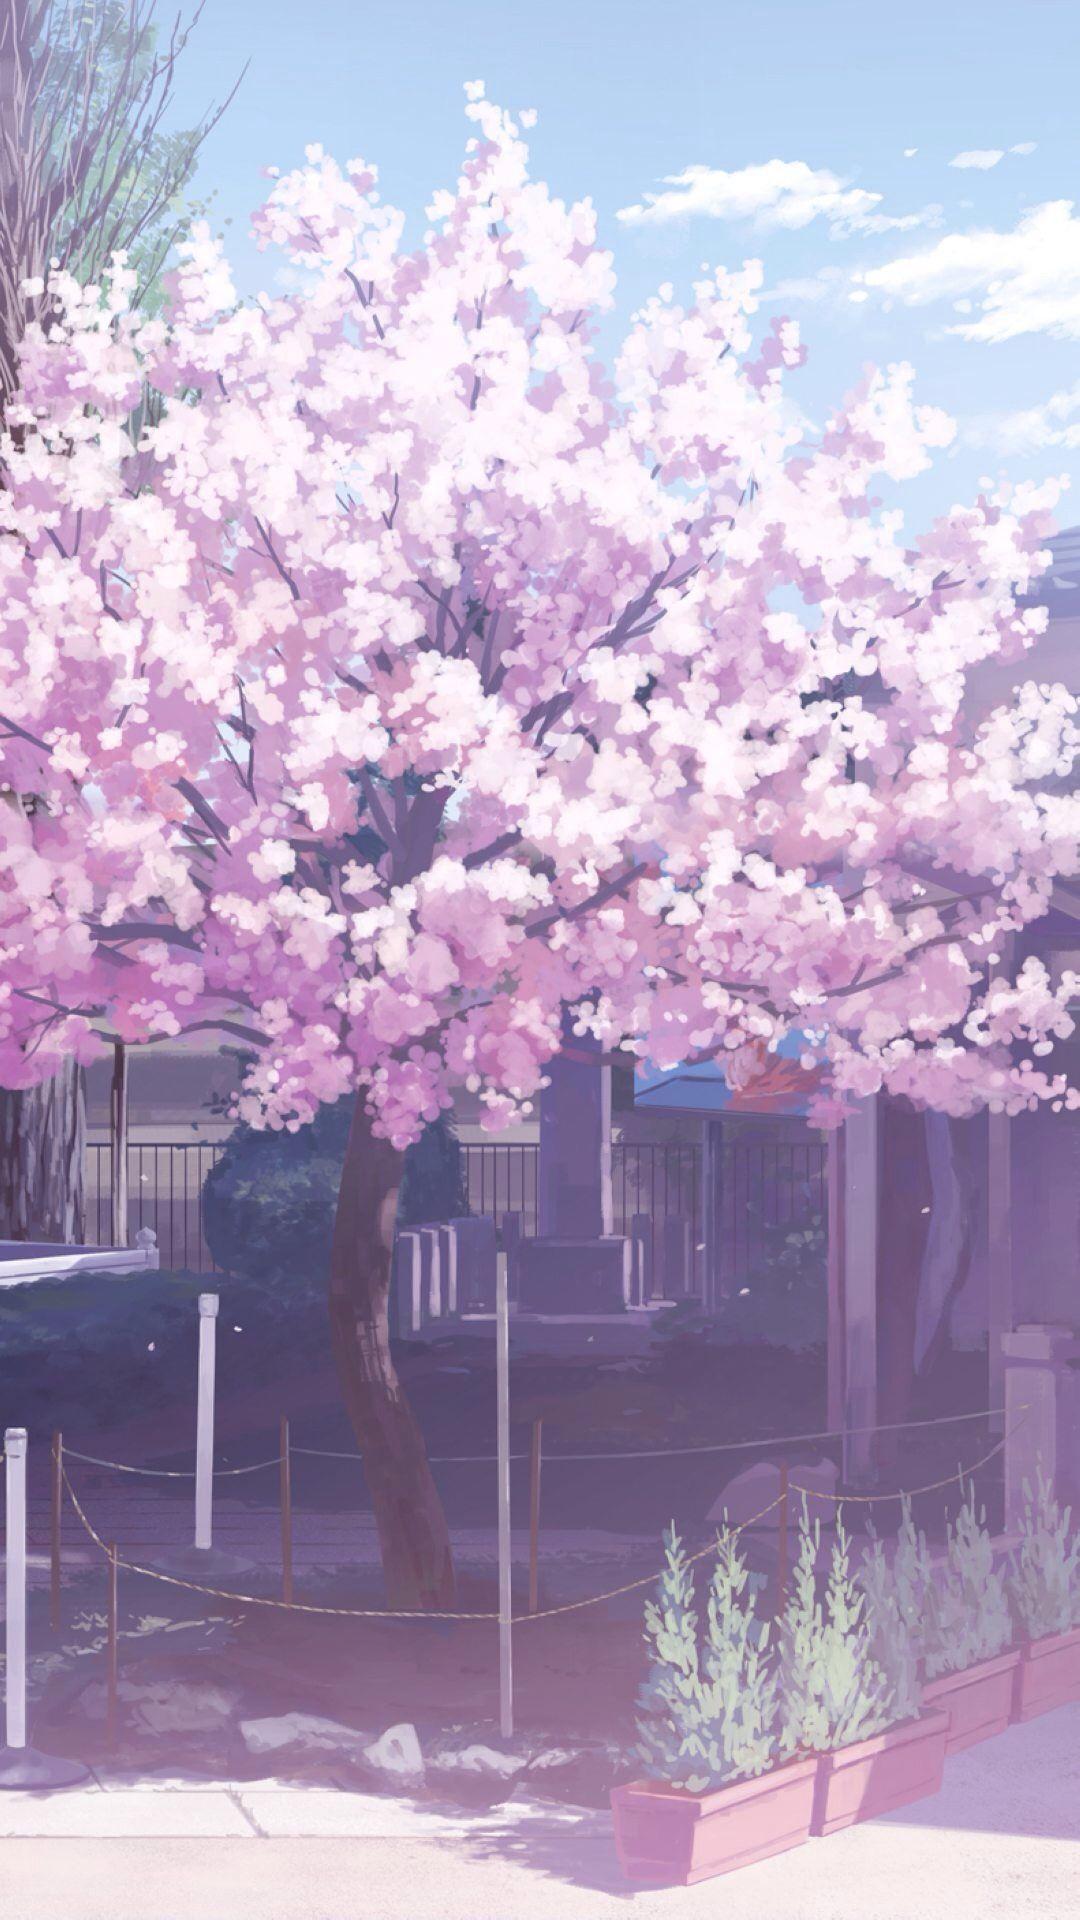 Anime Aesthetic Sakura Flower Wallpaper